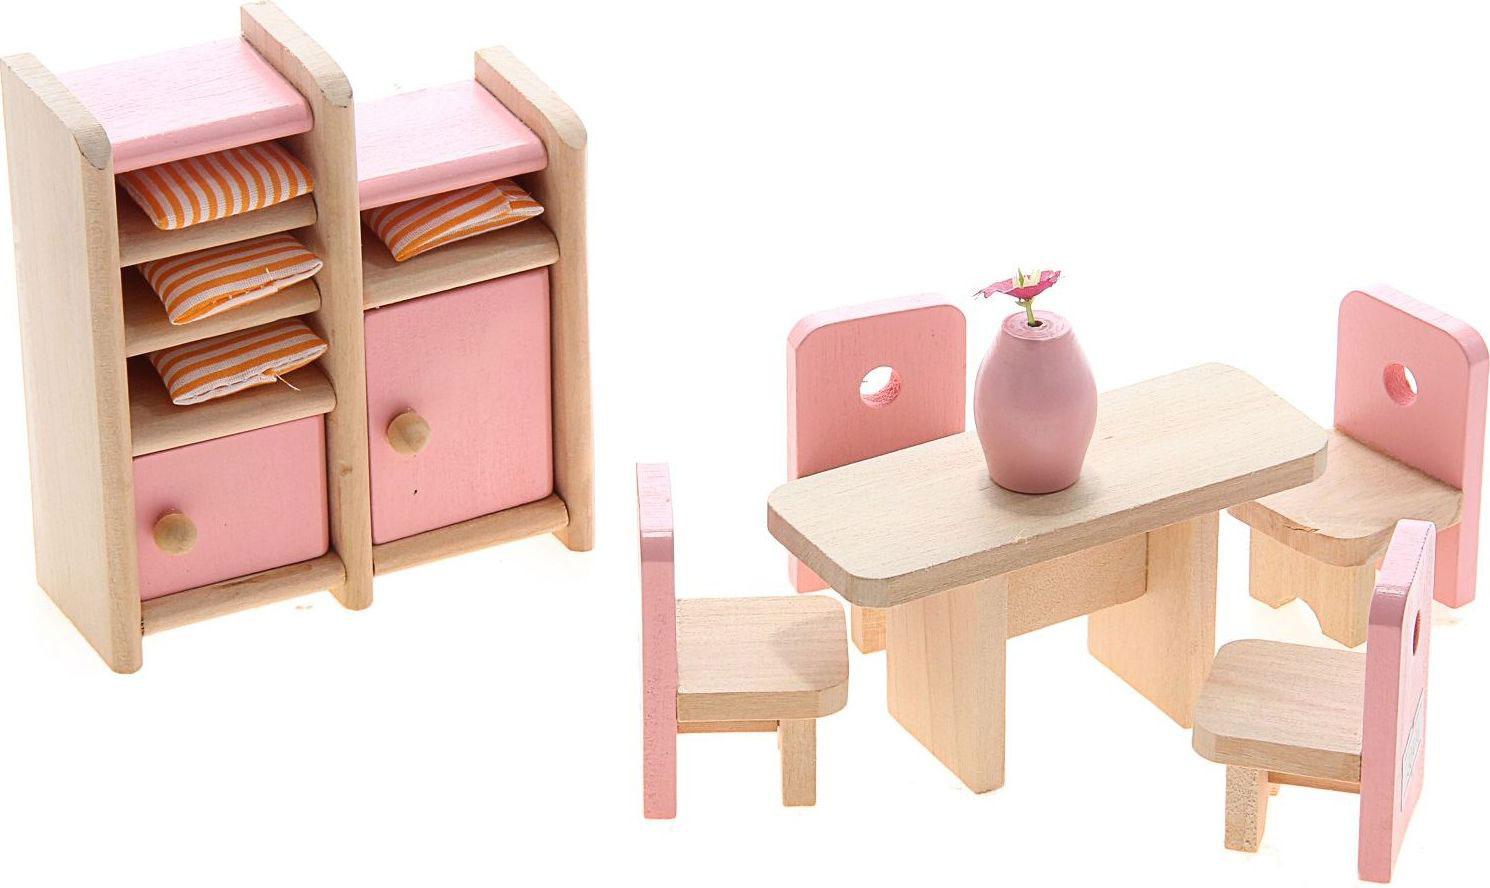 Sima-land Мебель для кукол Столовая 8 предметов 730416 комплект щеток to be для машинки очистки цепи